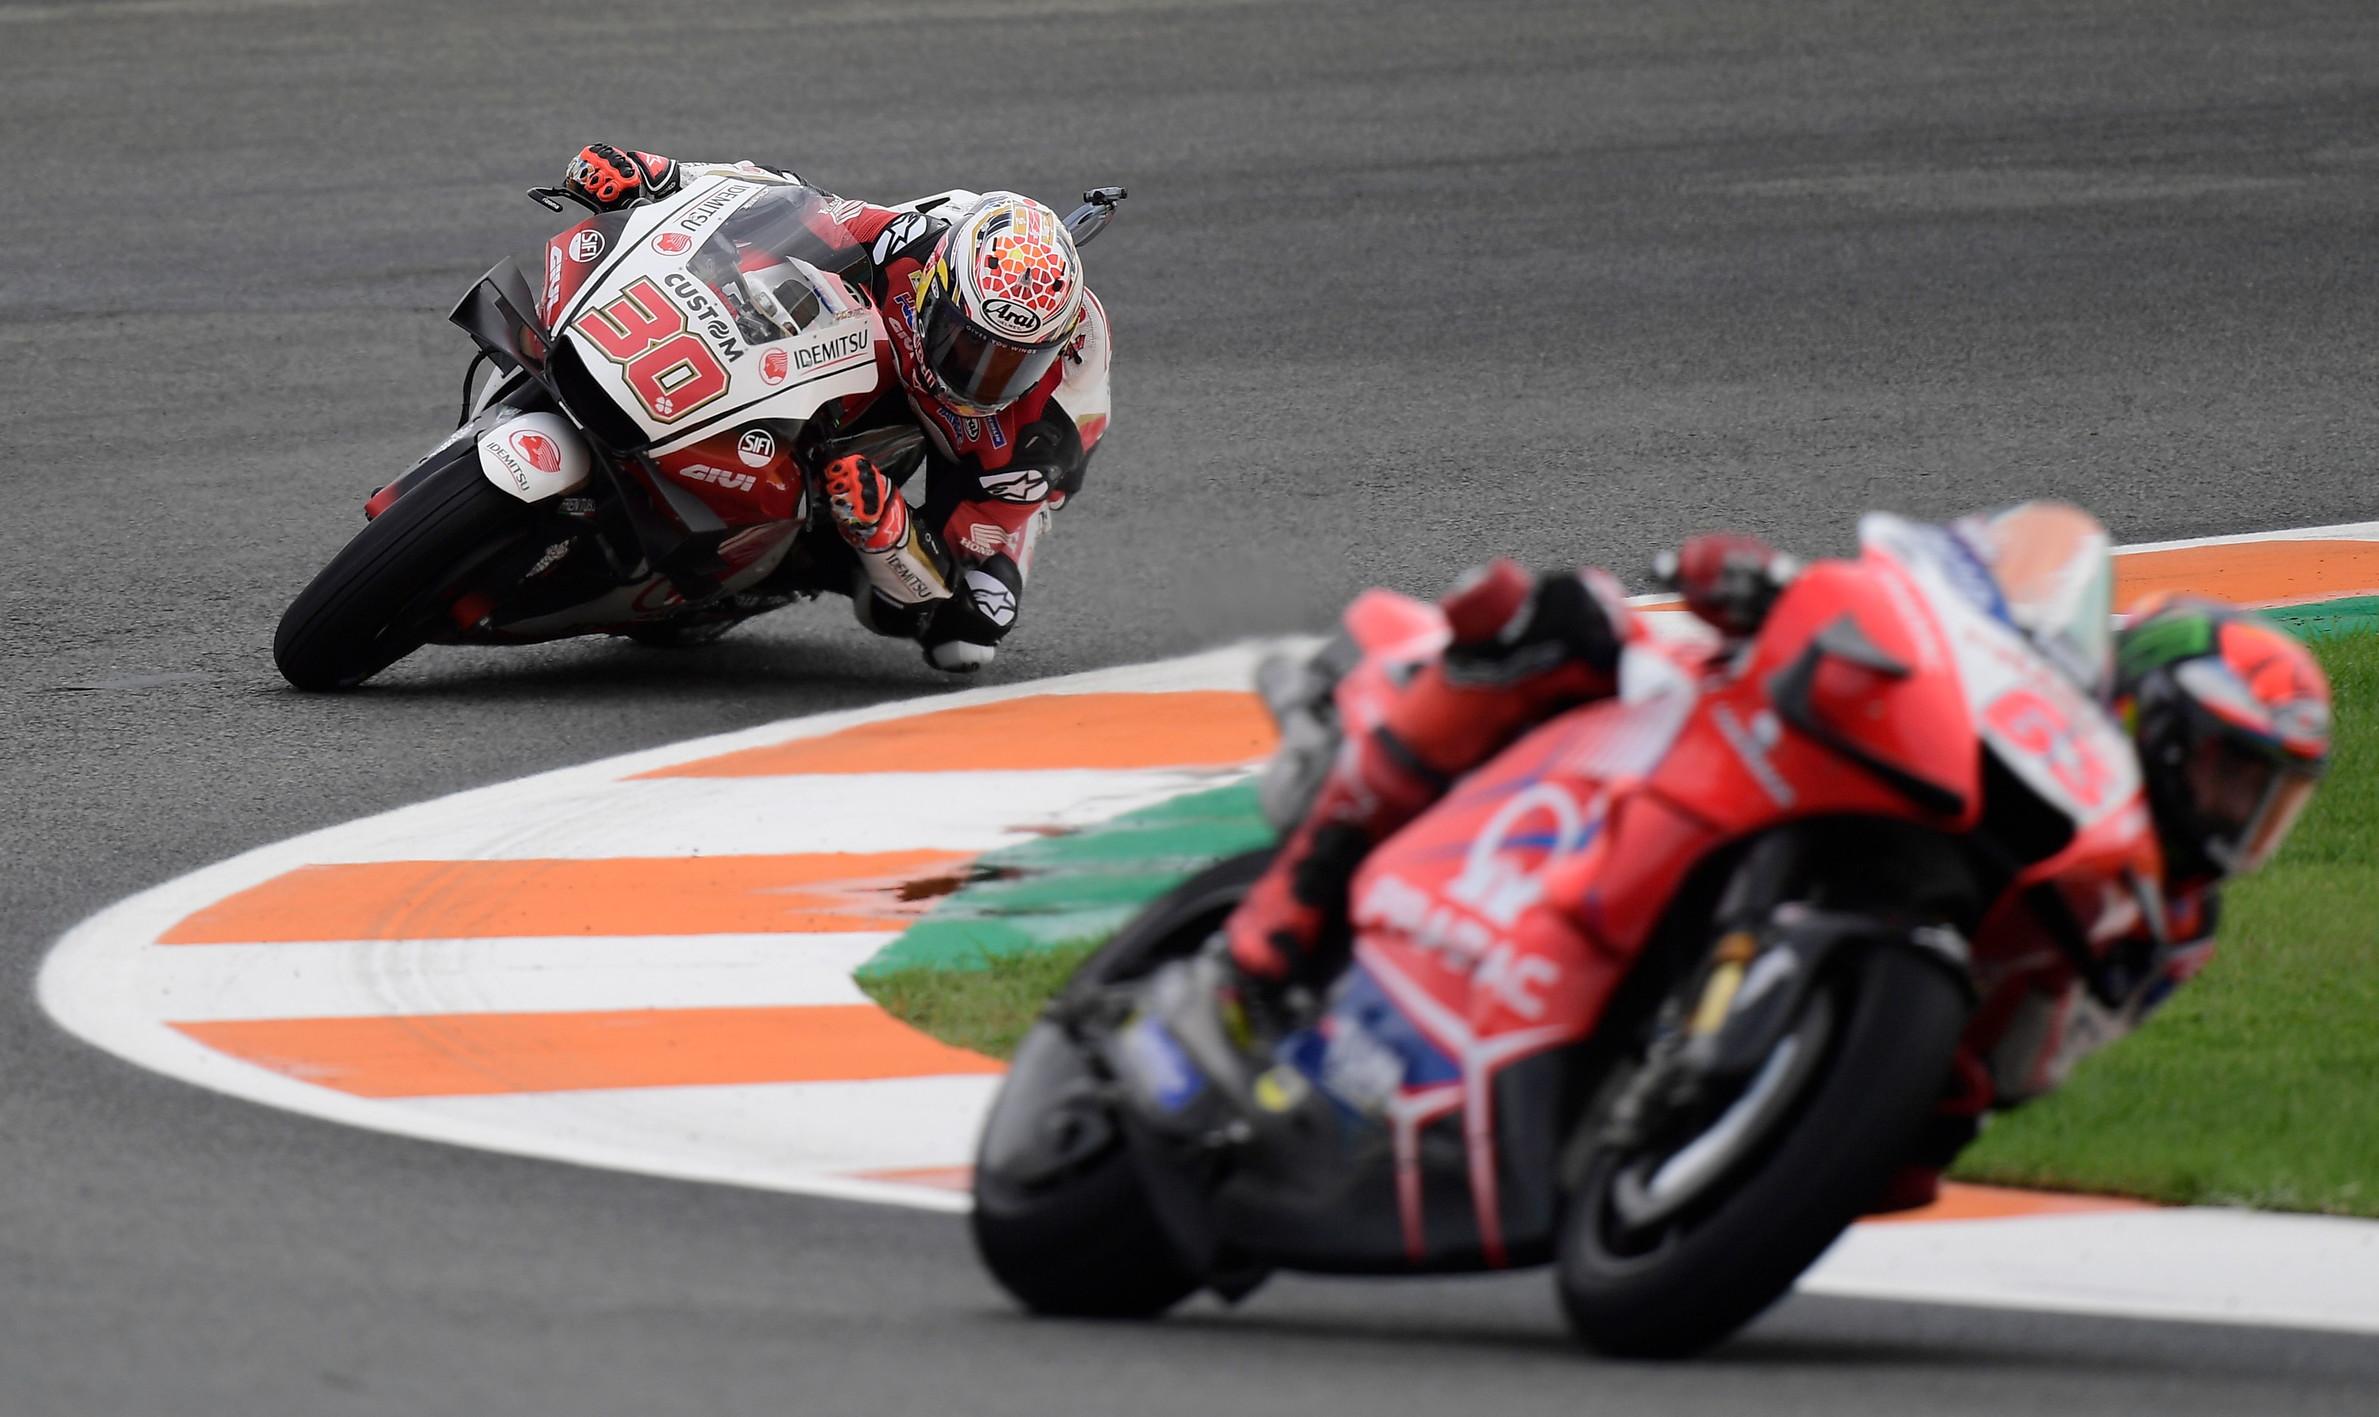 Nel giorno del ritorno in pista di Rossi (18&deg;), &egrave; Pol Espargaro in sella alla KTM a conquistare la pole position del GP d&#39;Europa. Prima fila anche per la Suzuki di Rins e la Honda di Nakagami<br /><br />